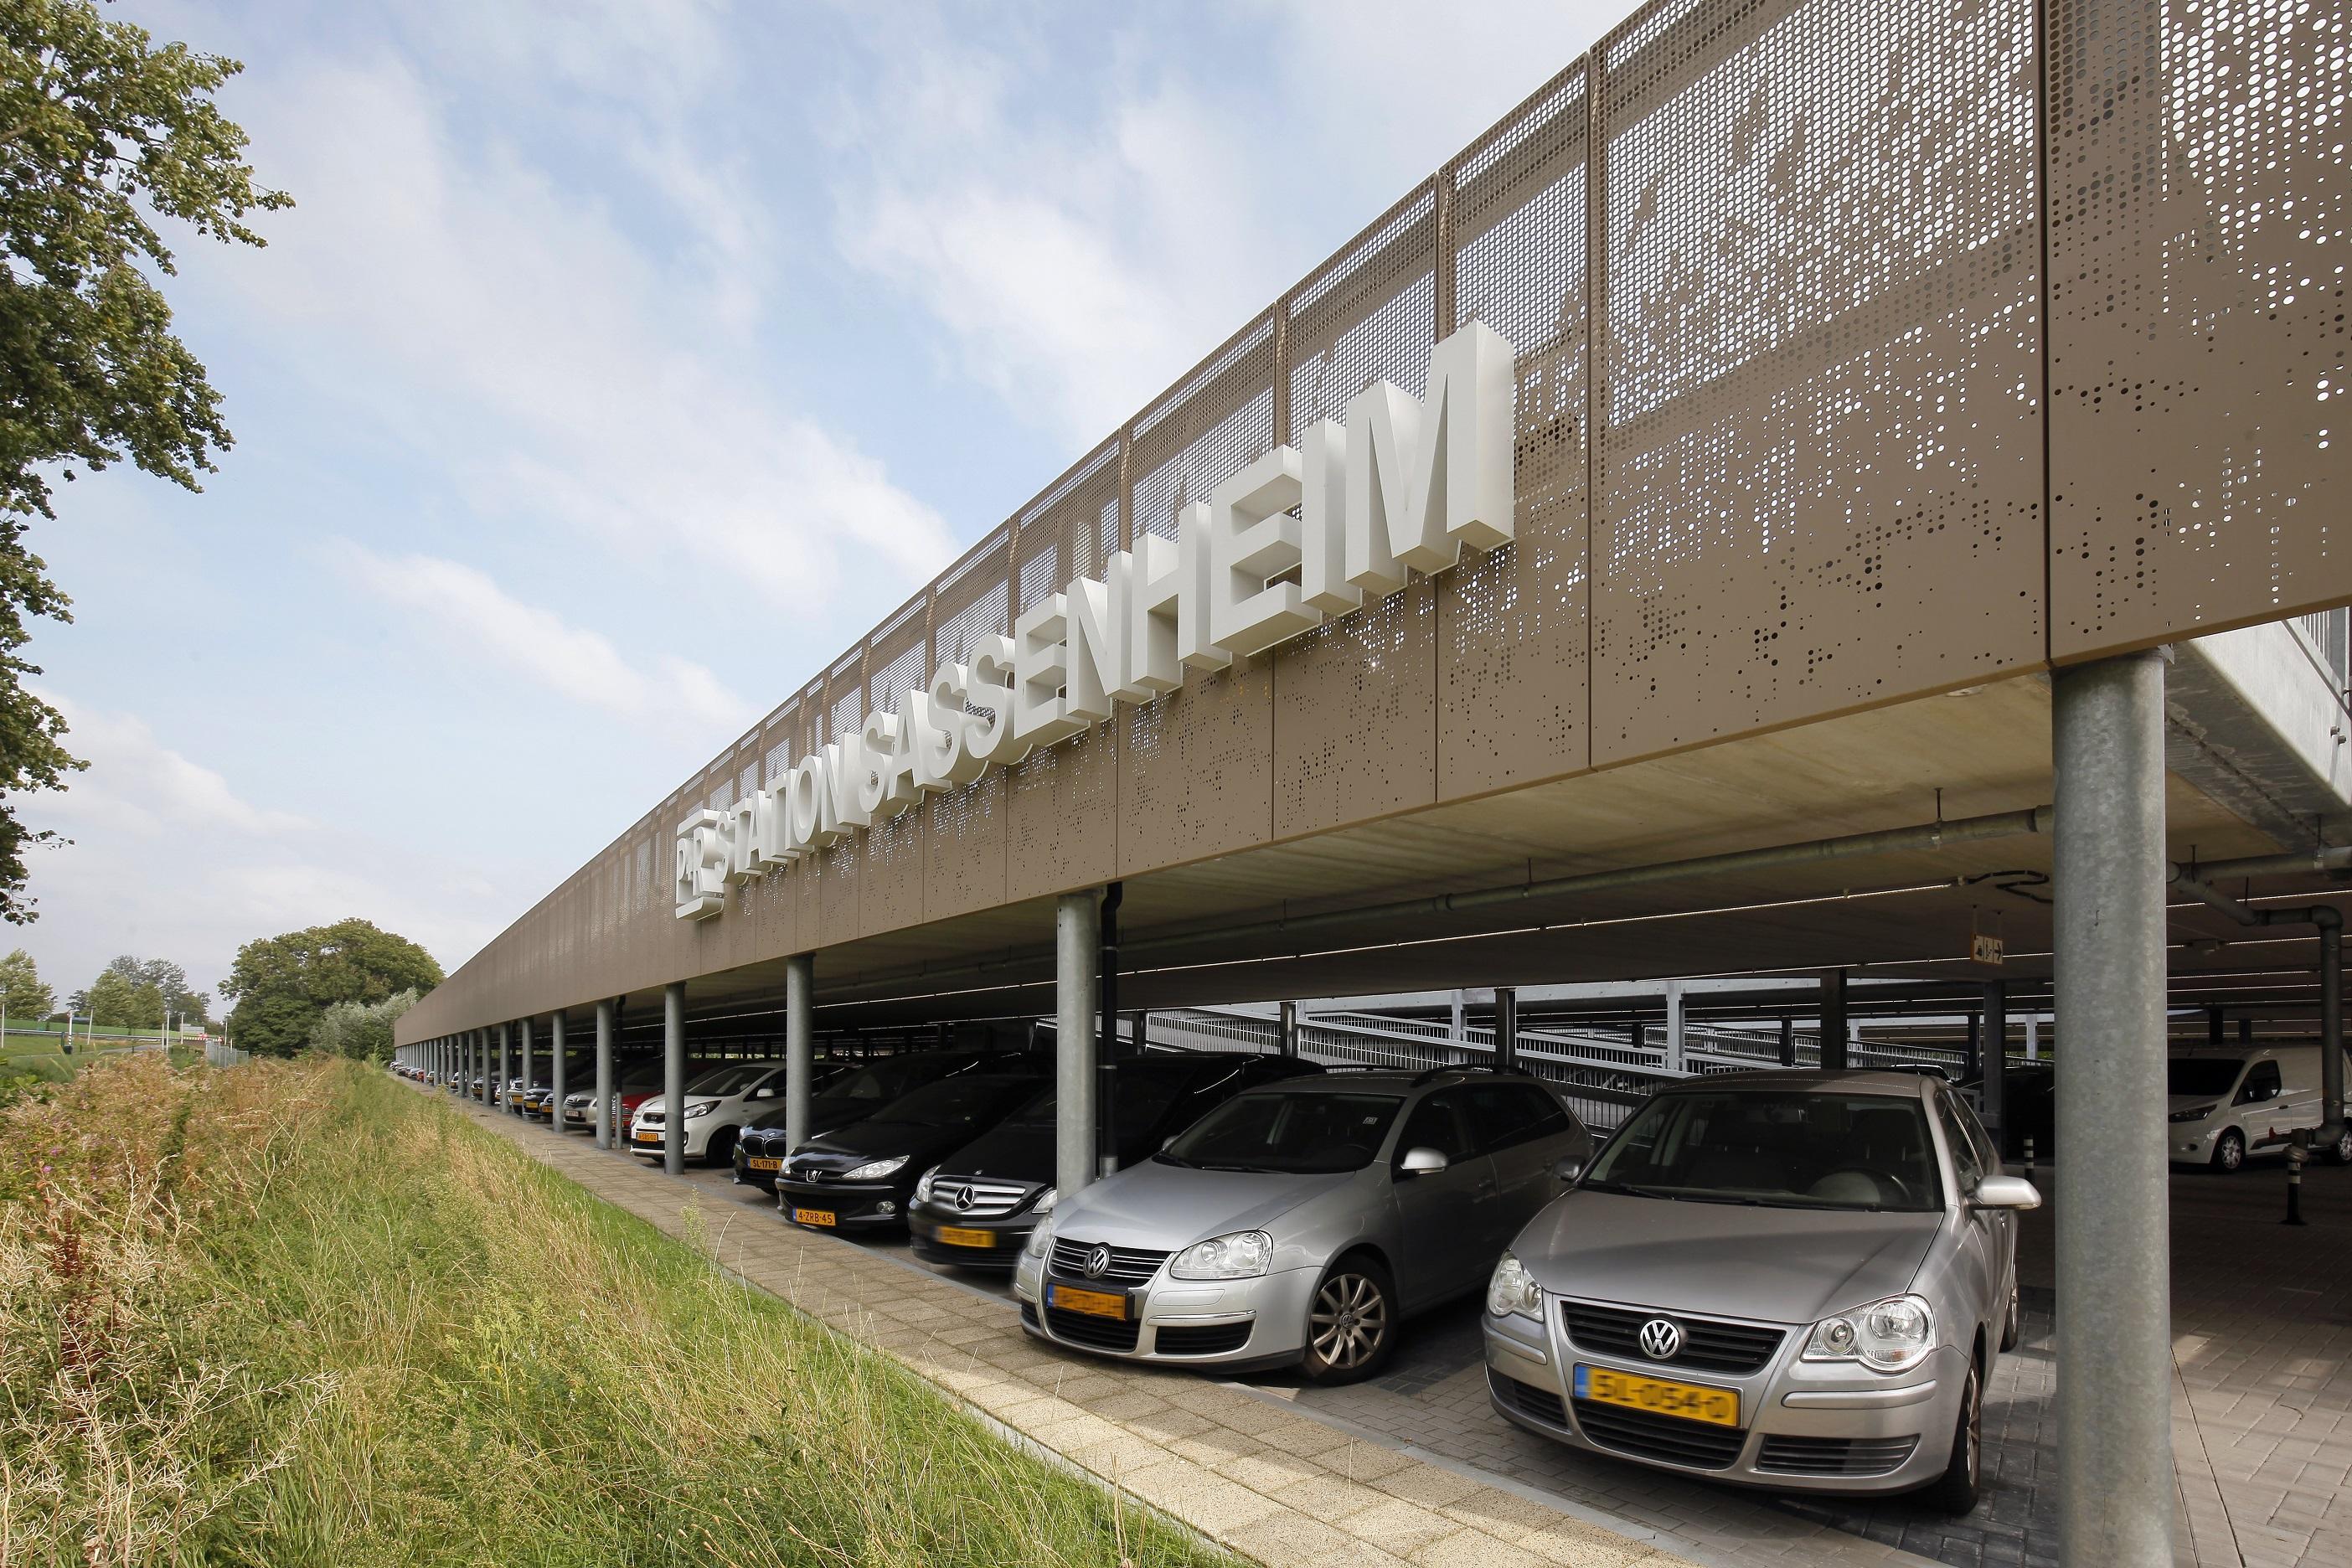 P+R Sassenheim